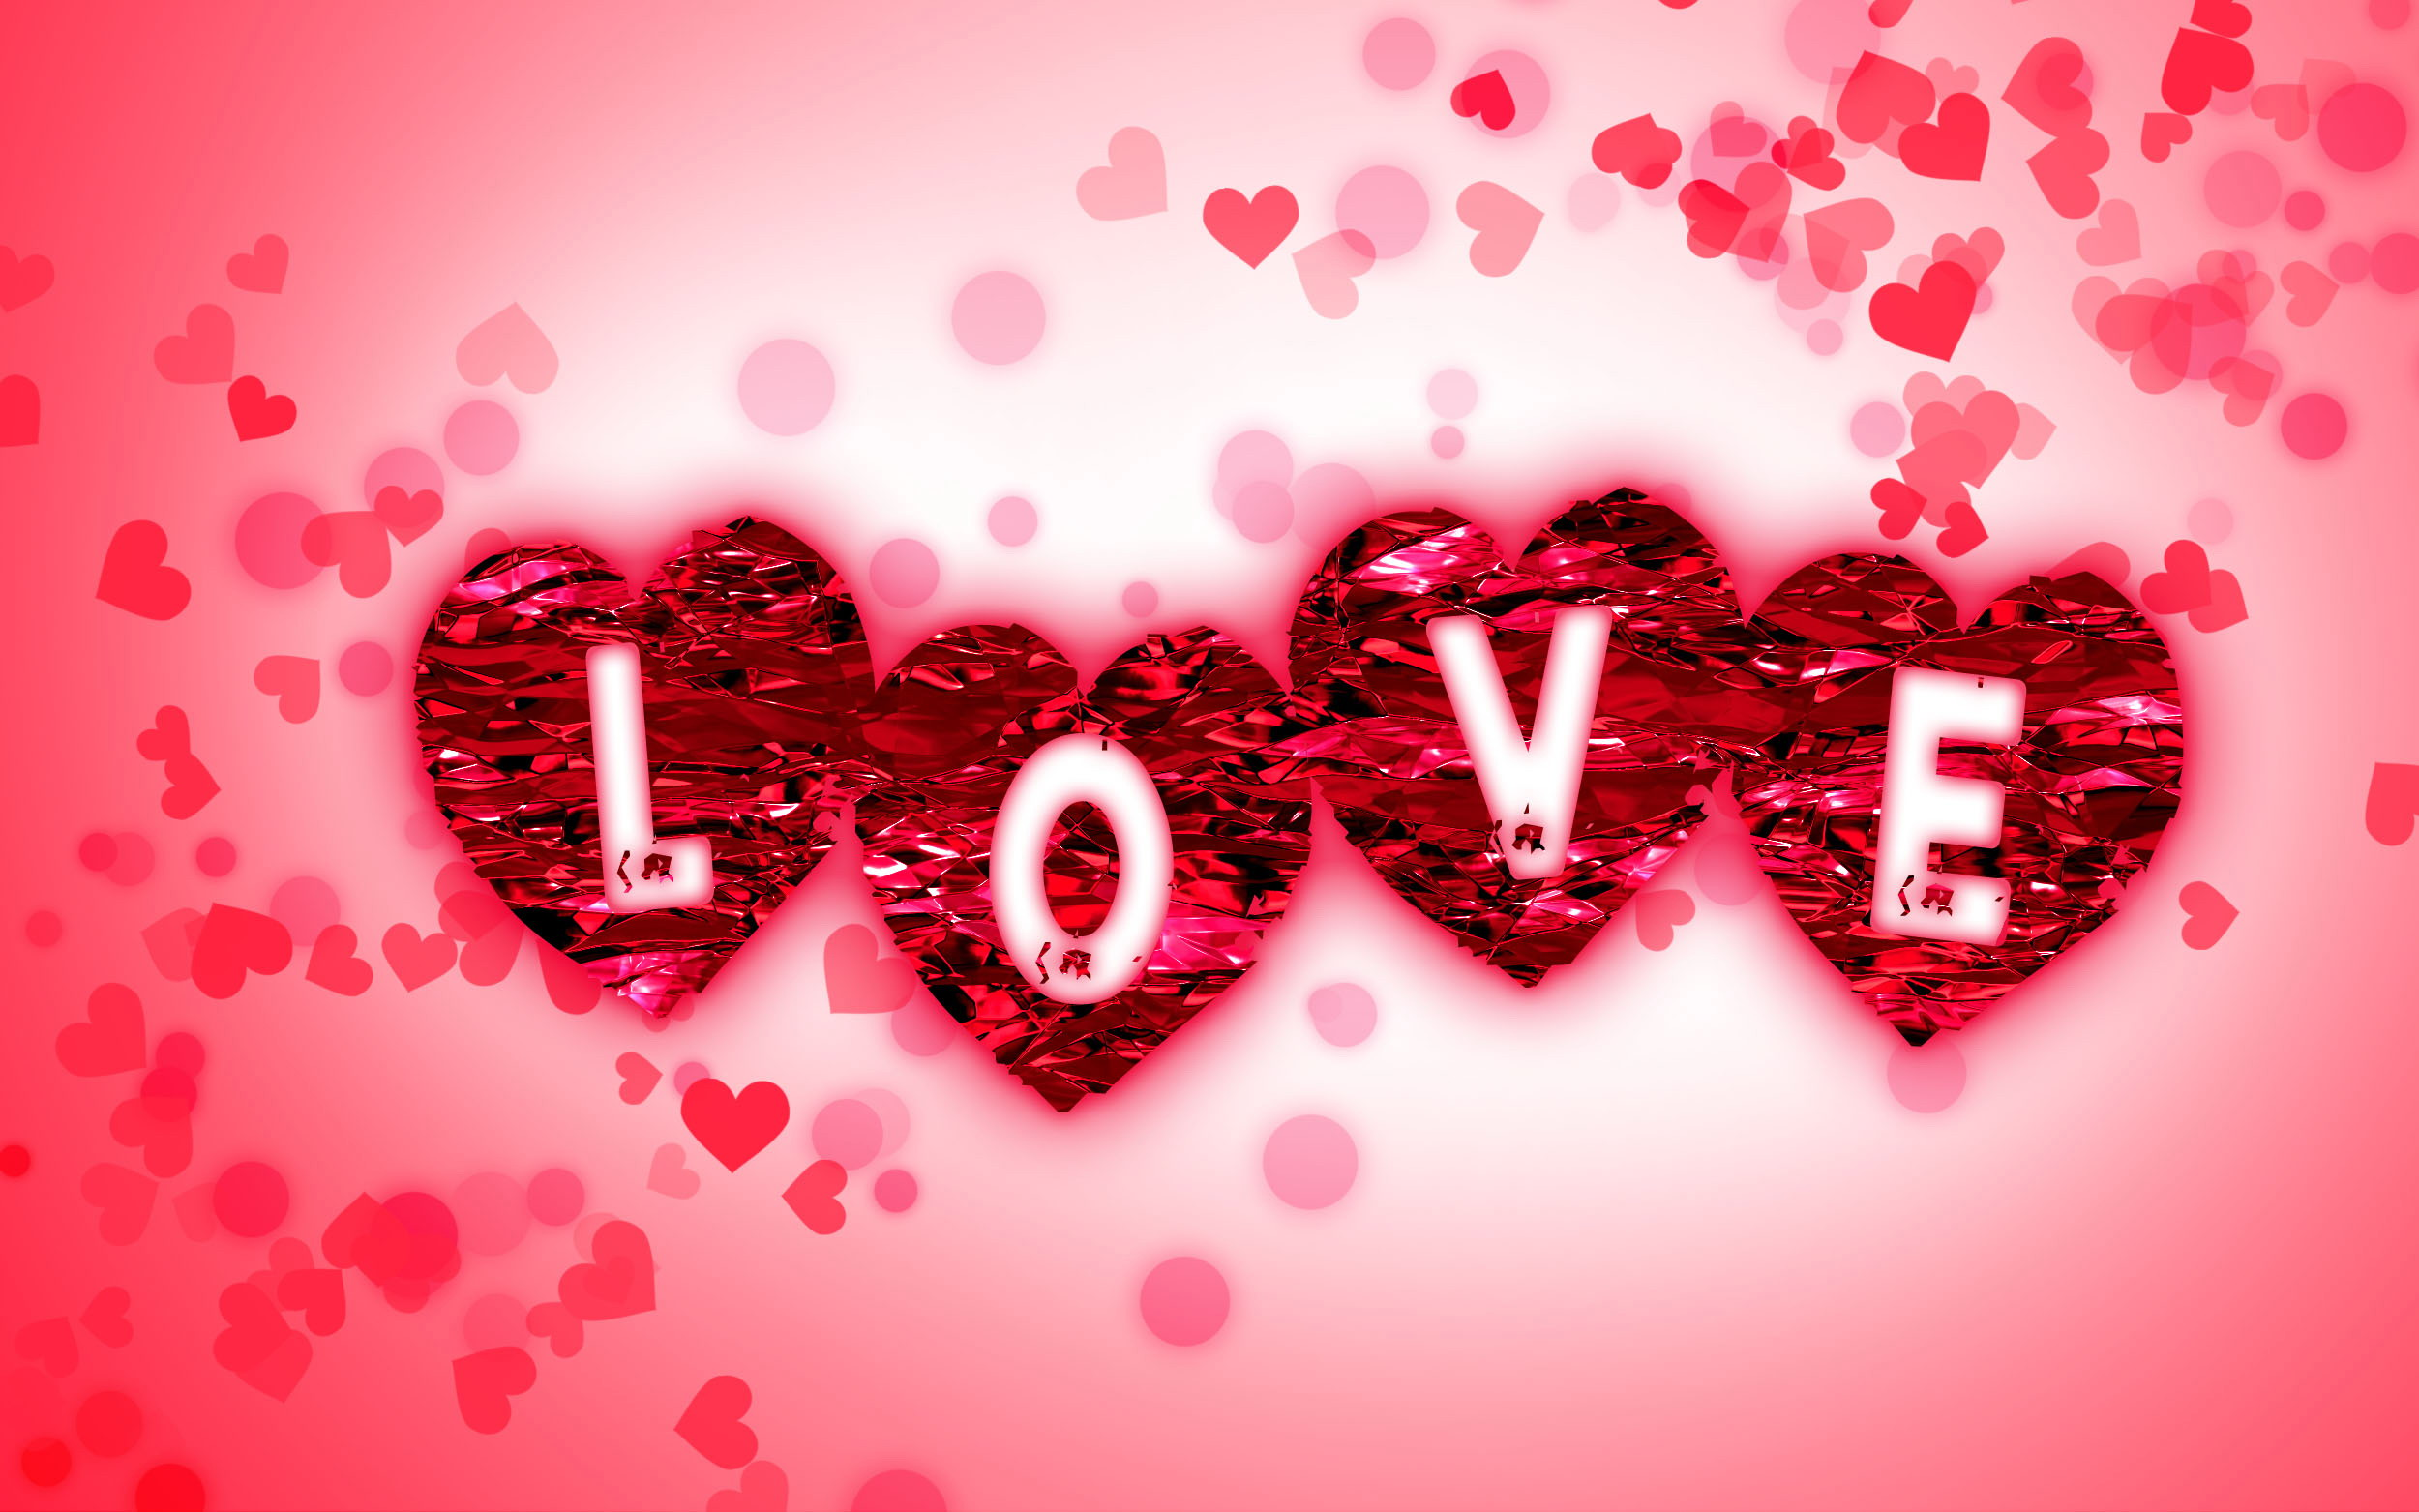 情人节快乐!